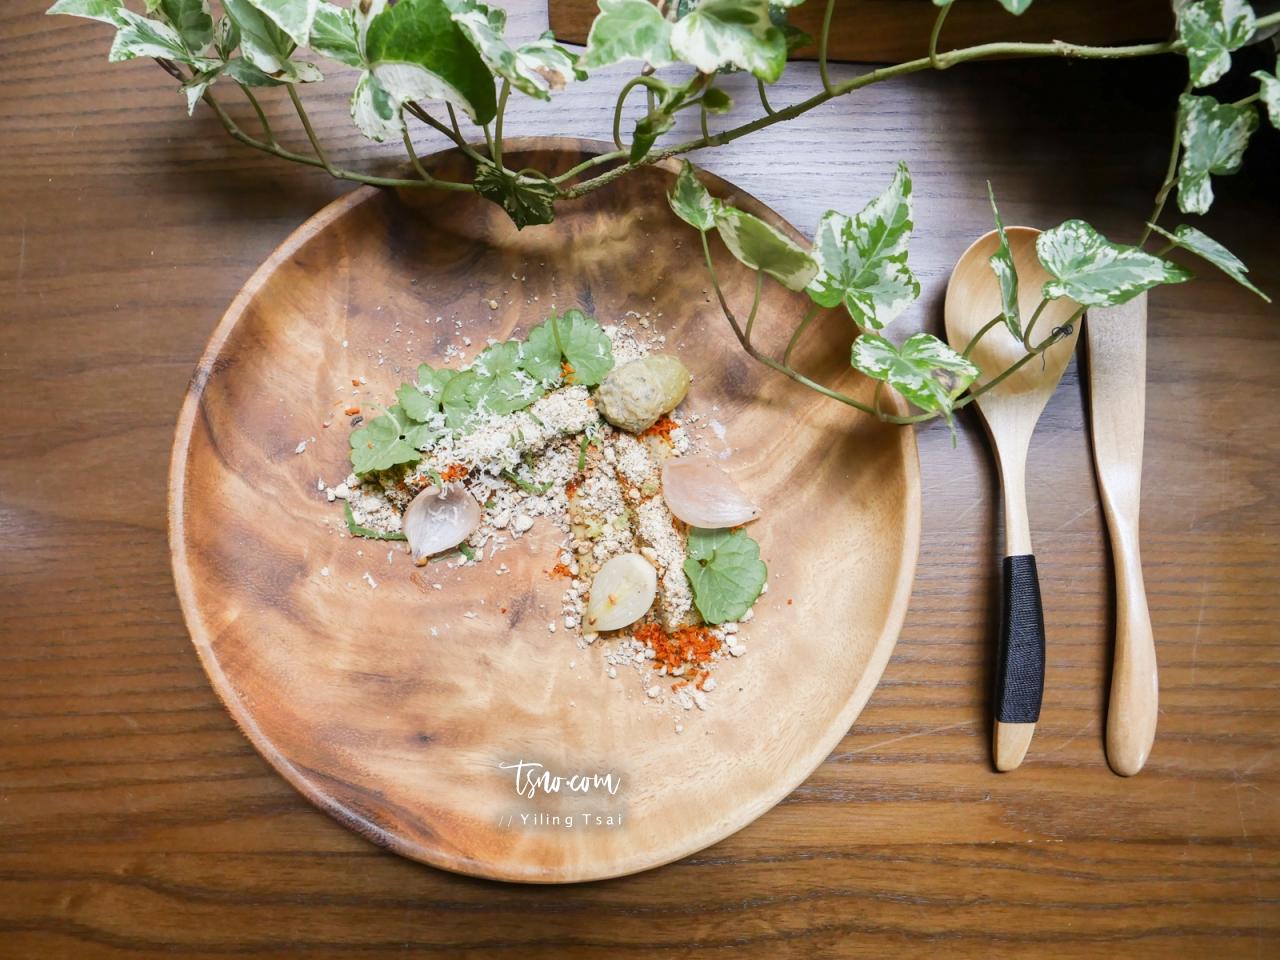 台中私廚 Feuille food Lab 芾飲食實驗室 一年只營業三個月 隱身城市中的大自然劇場料理饗宴